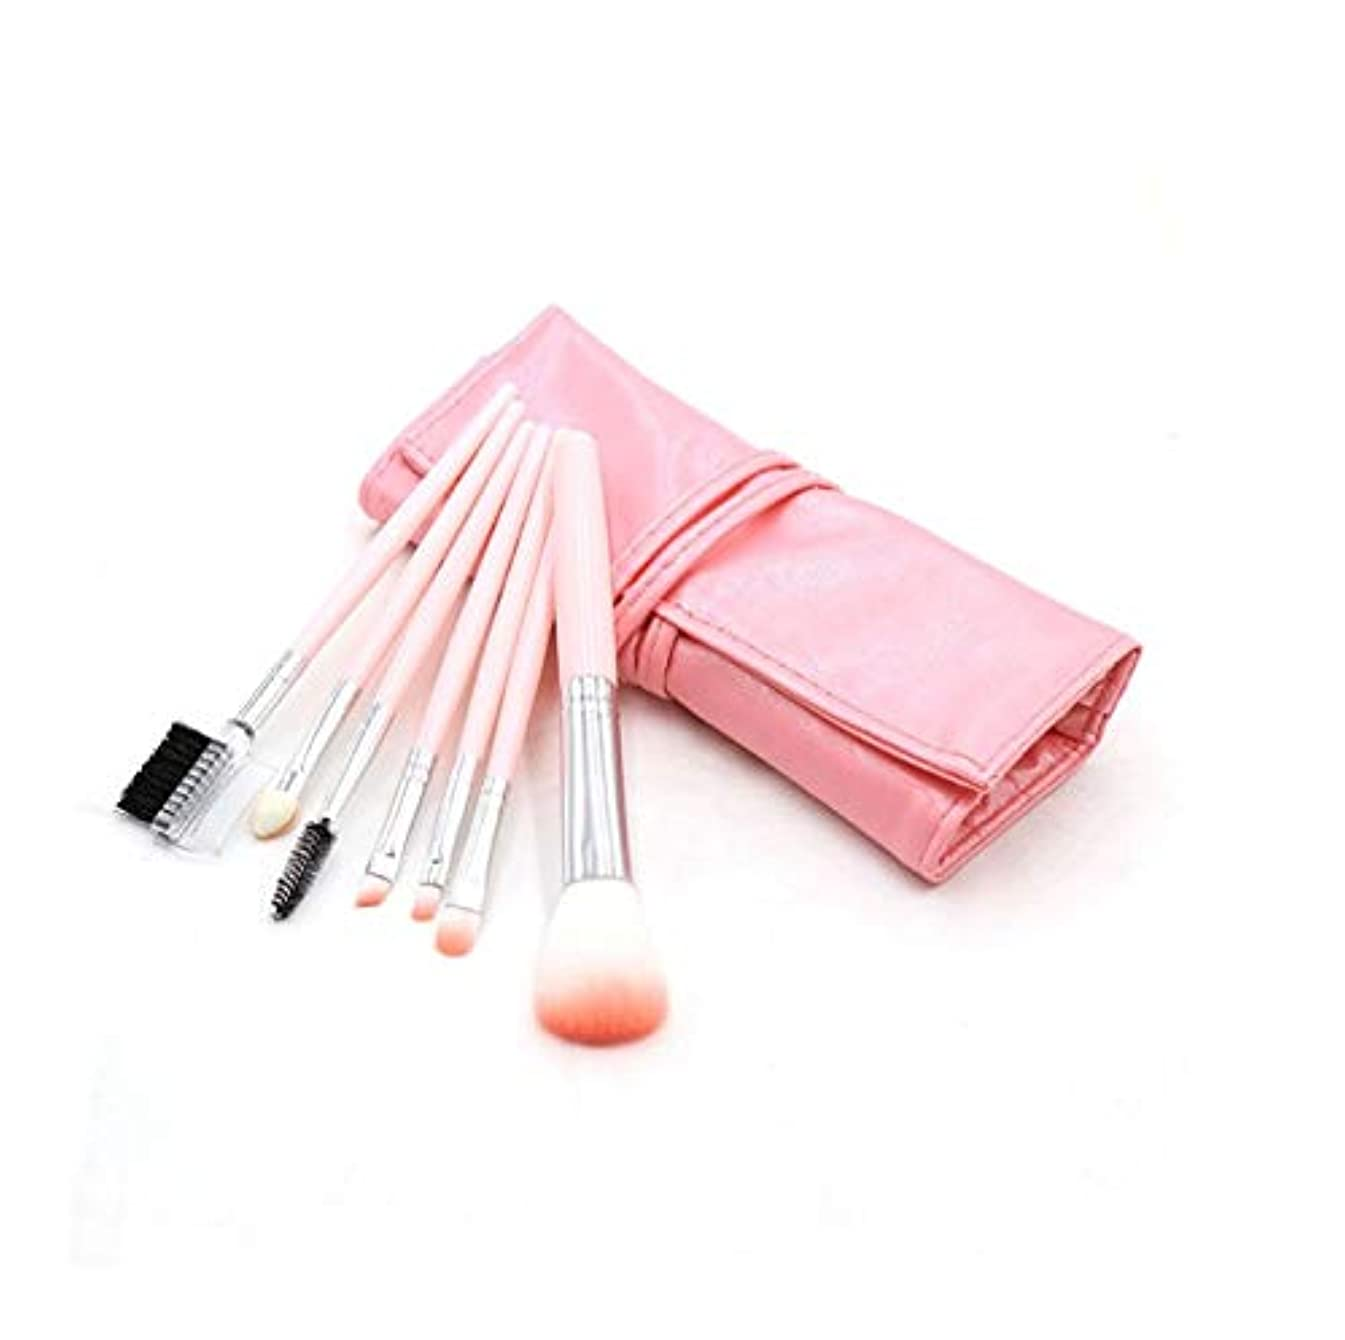 翻訳する促進する南東化粧ブラシセット、ピンク7化粧ブラシ化粧ブラシセットアイシャドウブラシリップブラシ美容化粧道具